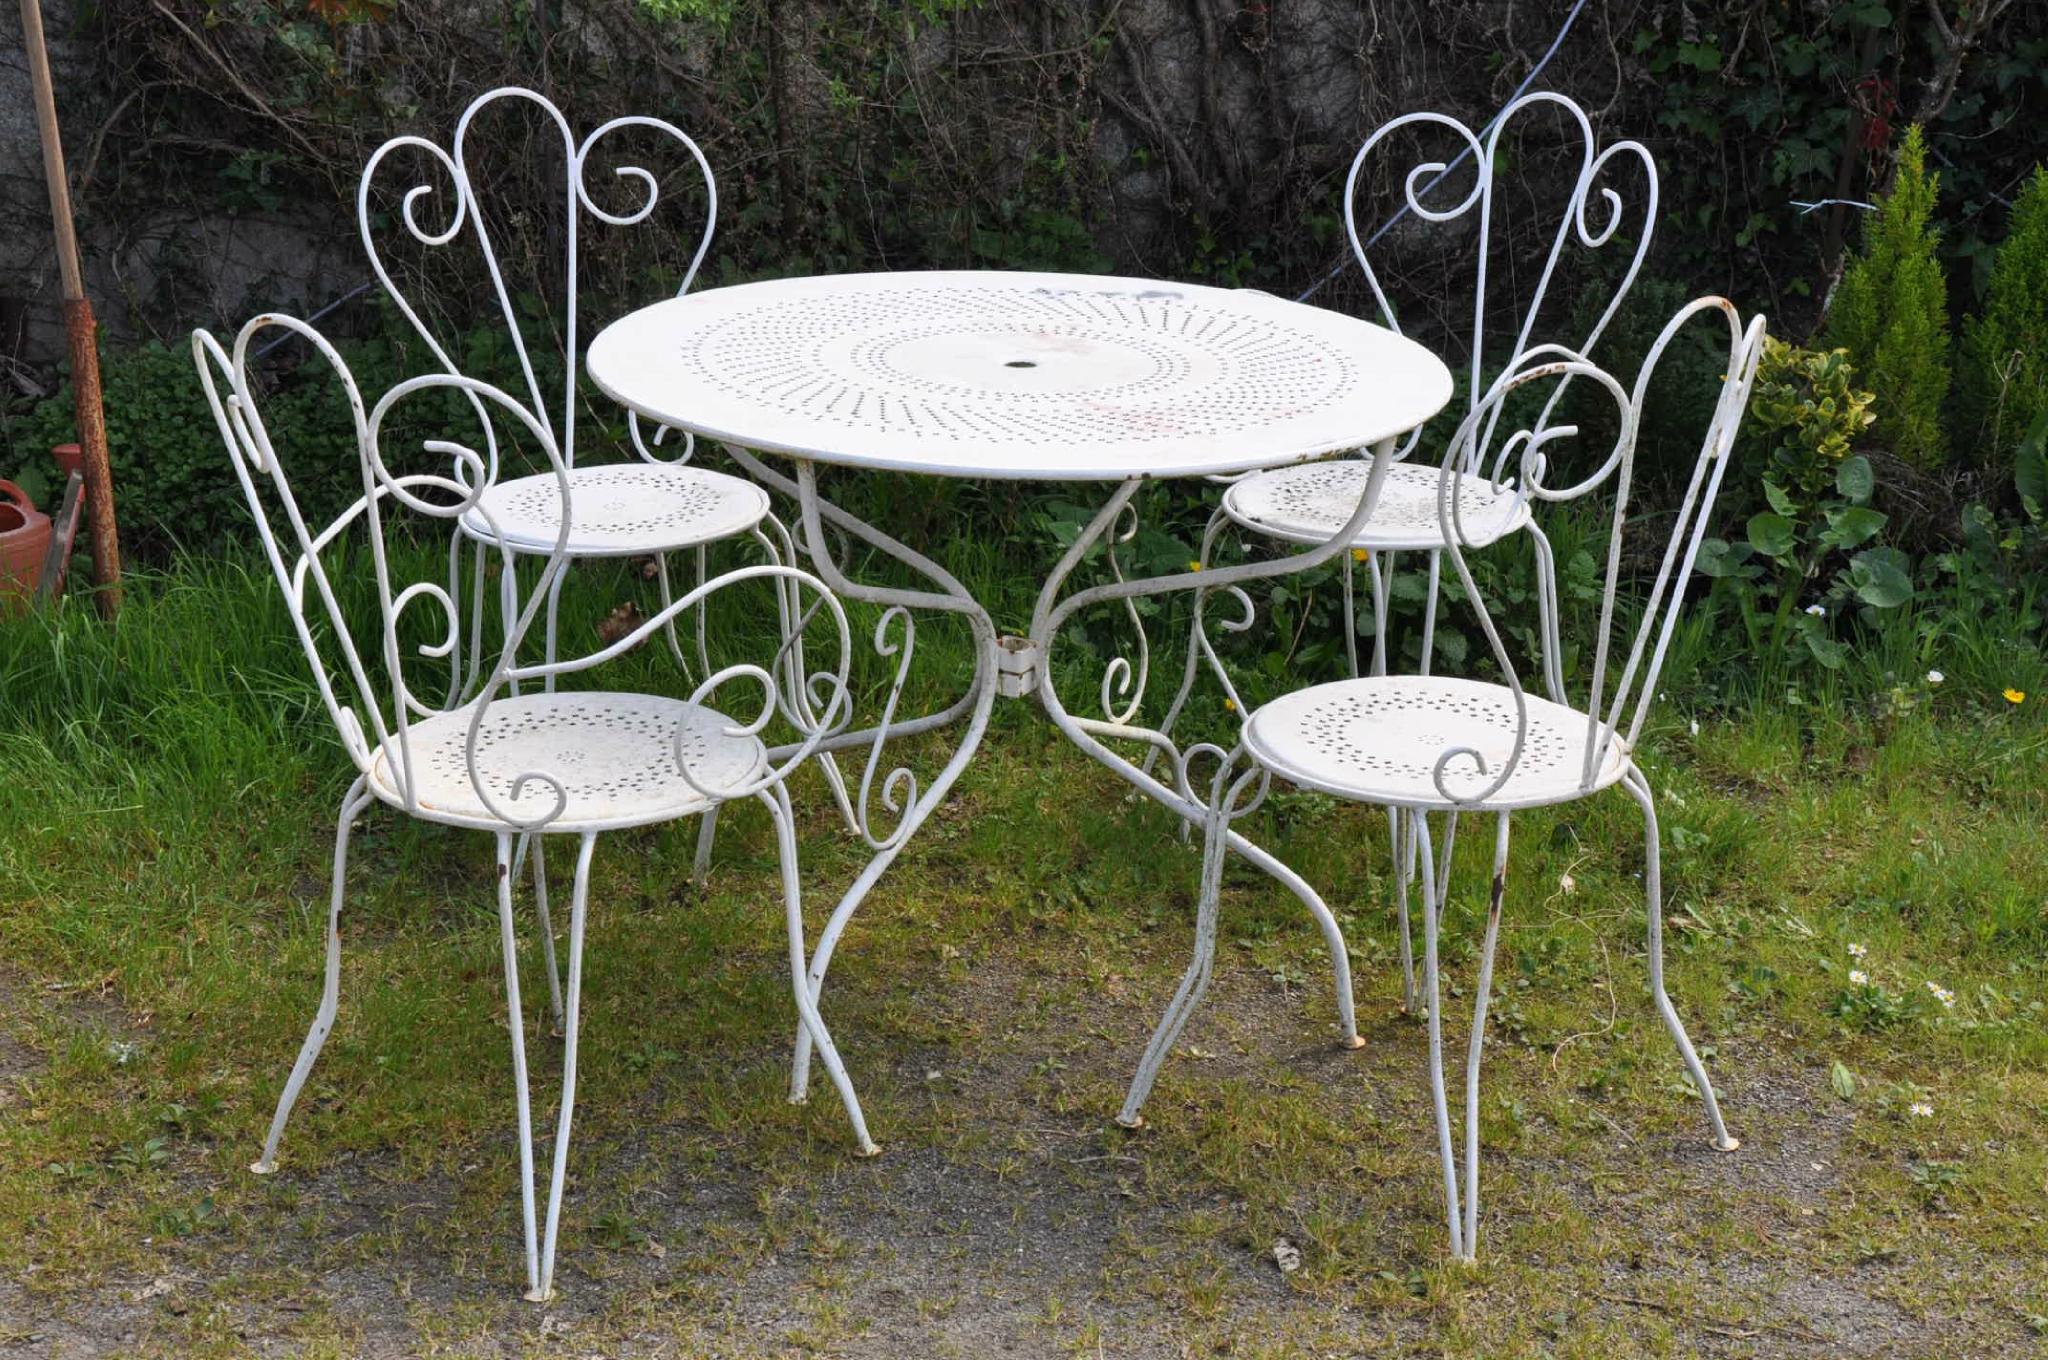 Salon De Jardin Aluminium Soldes - The Best Undercut Ponytail concernant Salon De Jardin En Métal Pas Cher